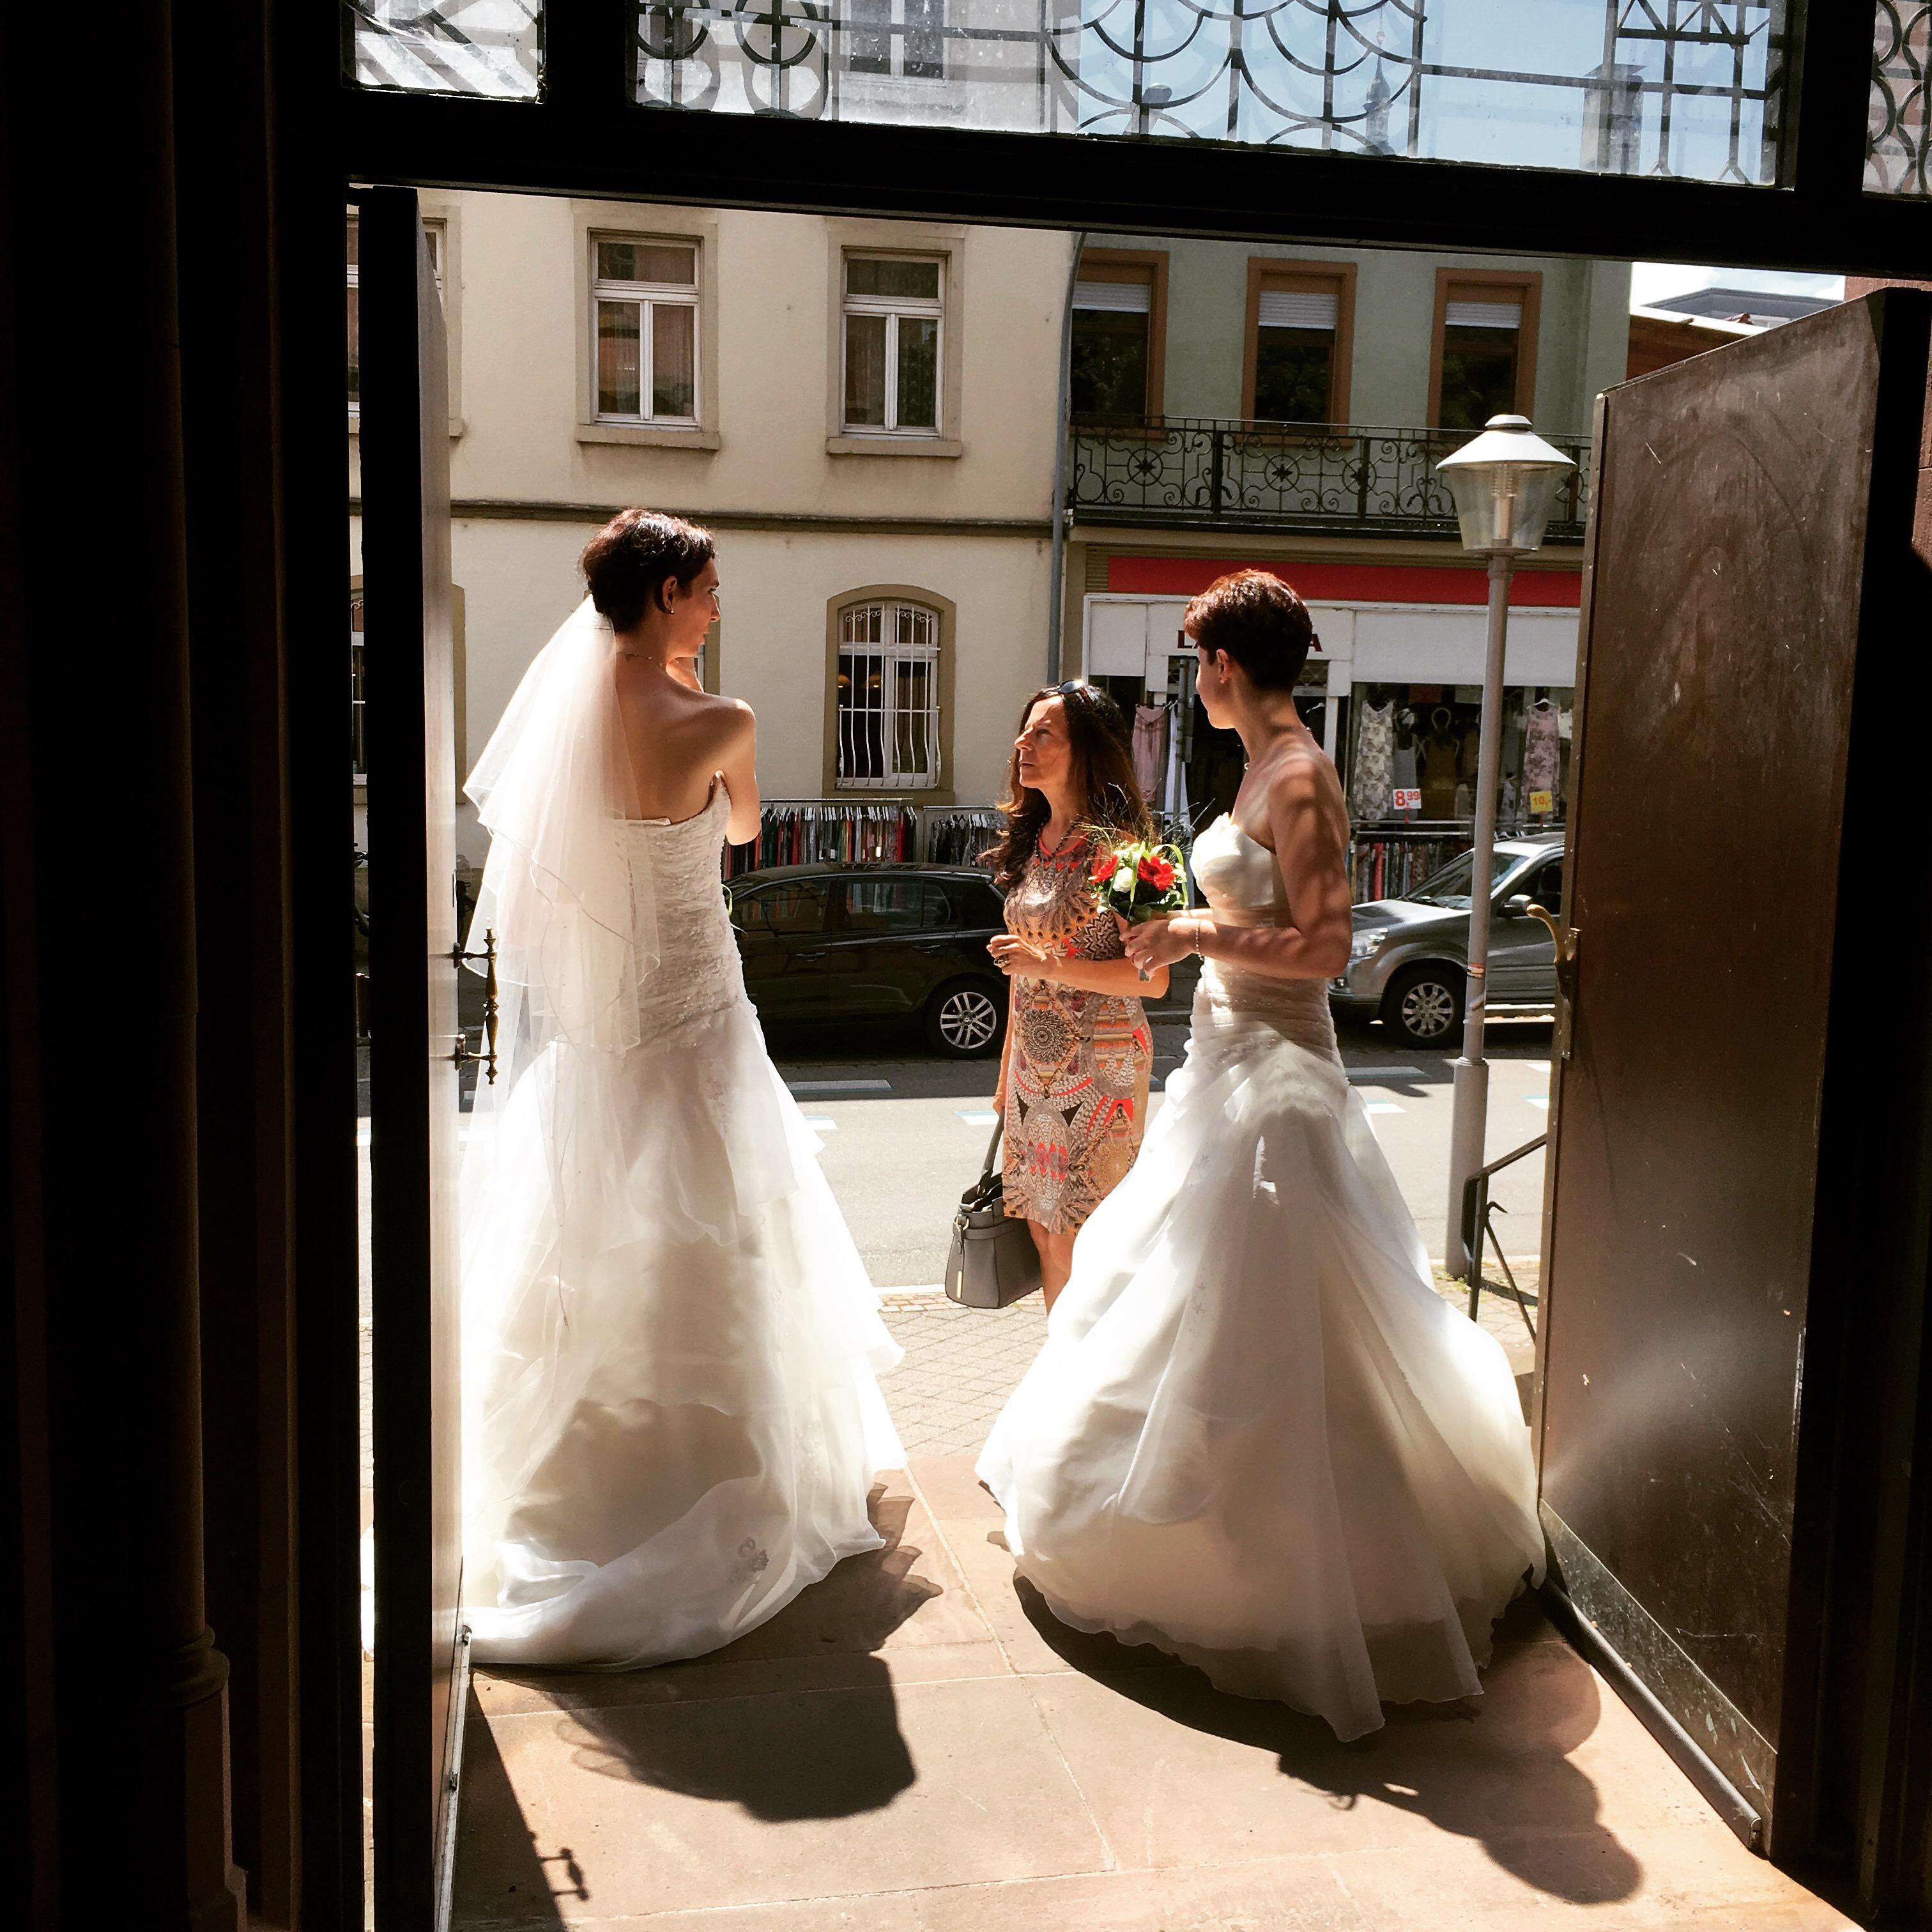 Kirchlich heiraten lesbisch